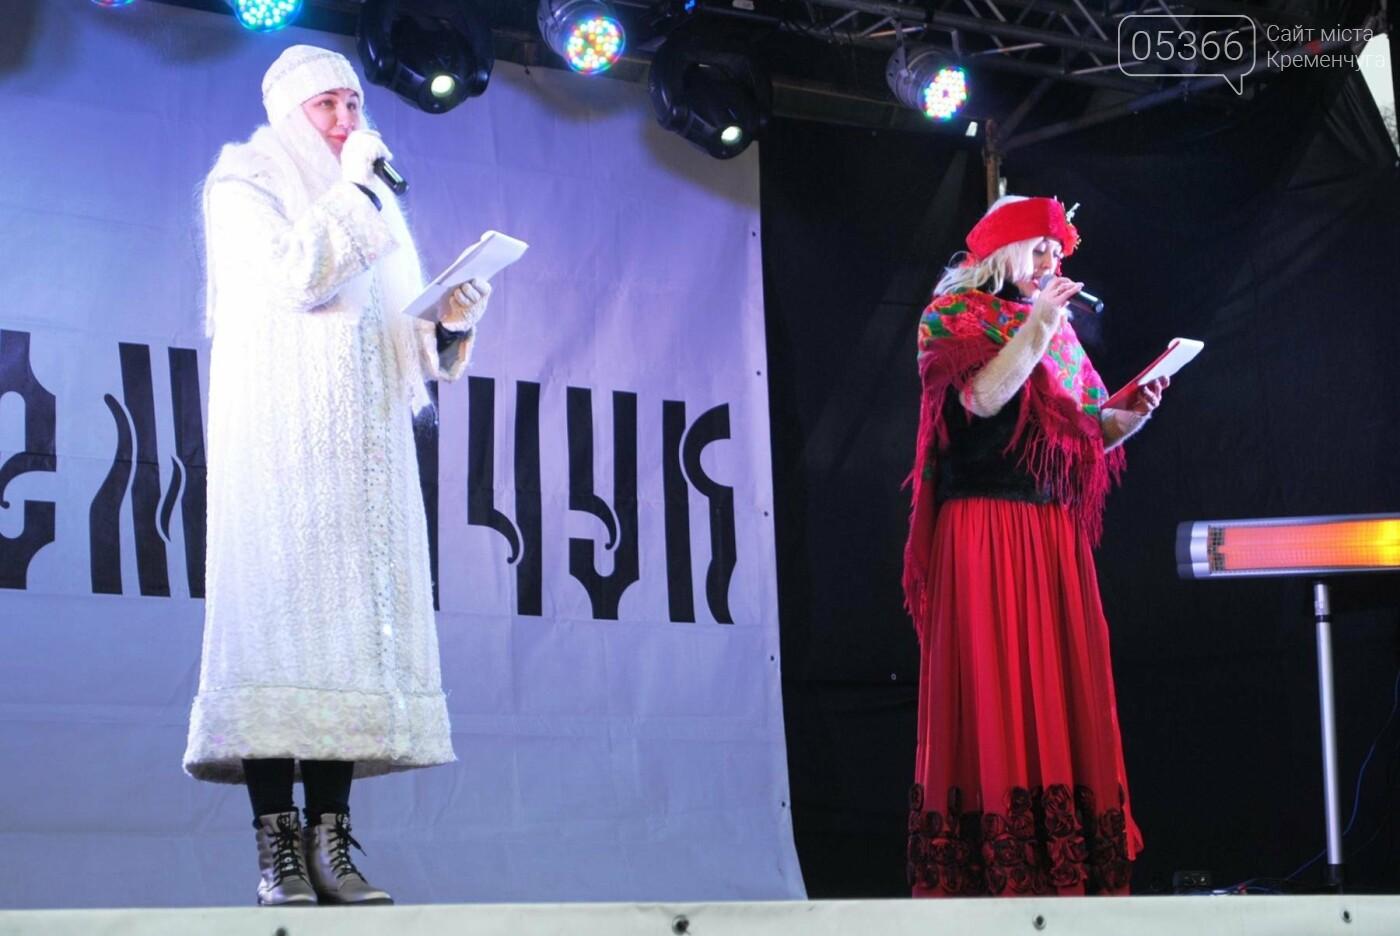 Масленицу в Кременчуге открыли парадом, хороводом и катанием на телеге (фото и видео), фото-2